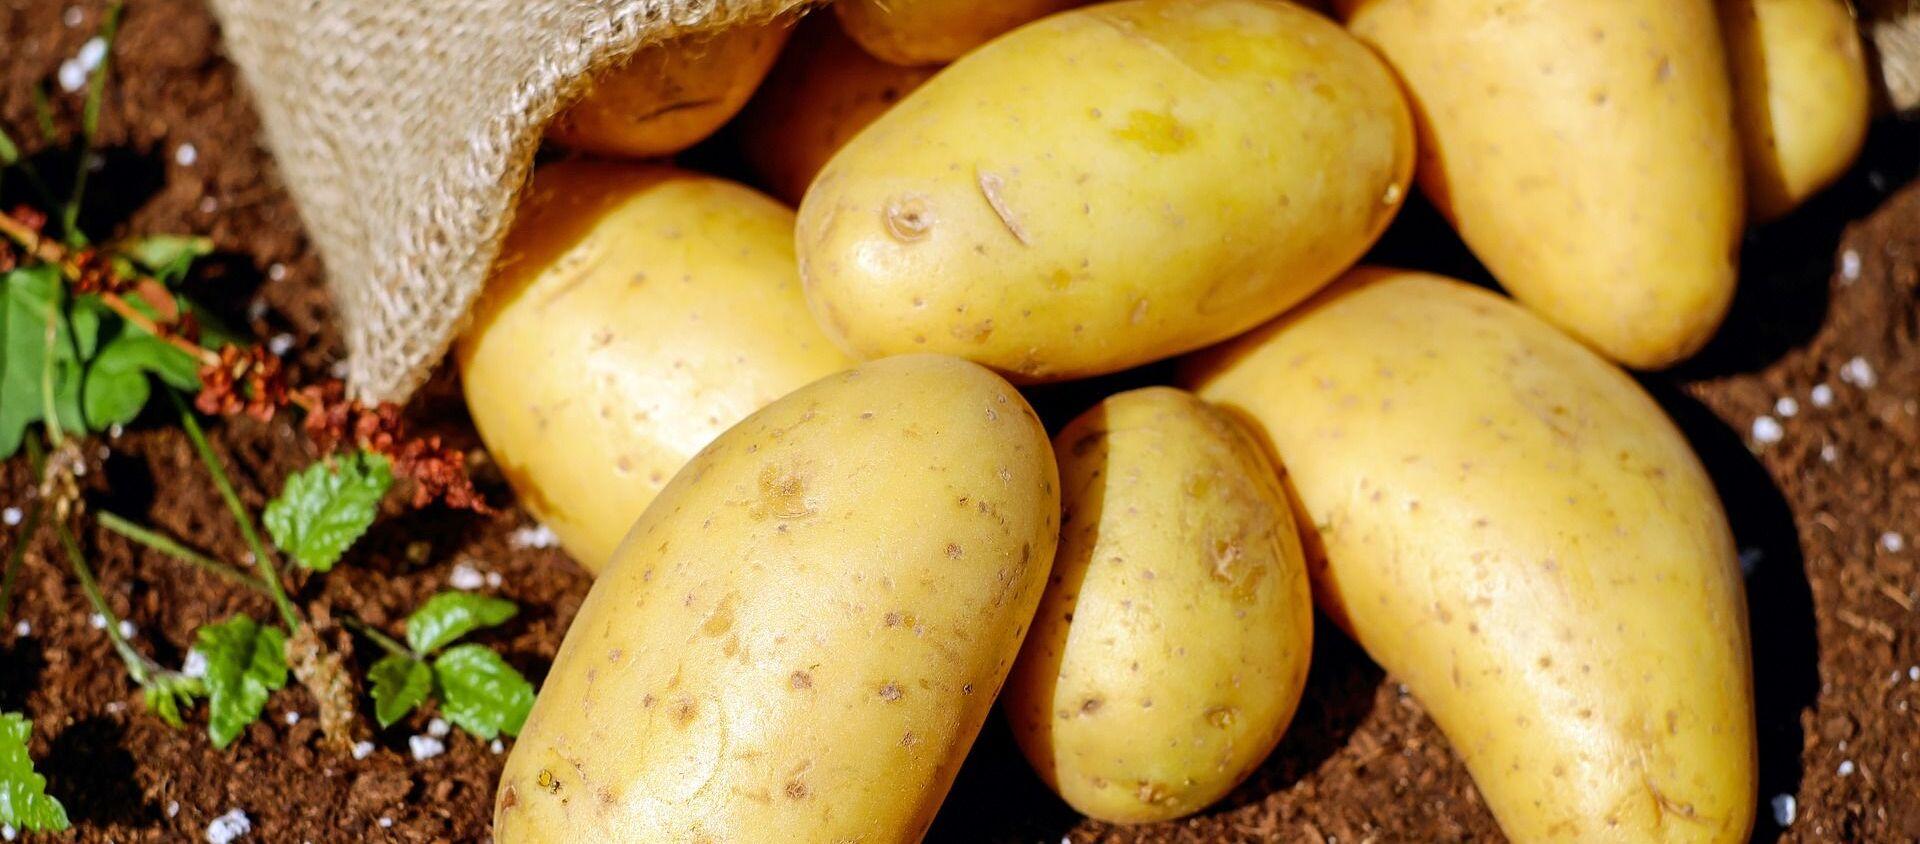 Bulwy ziemniaka - Sputnik Polska, 1920, 05.01.2021